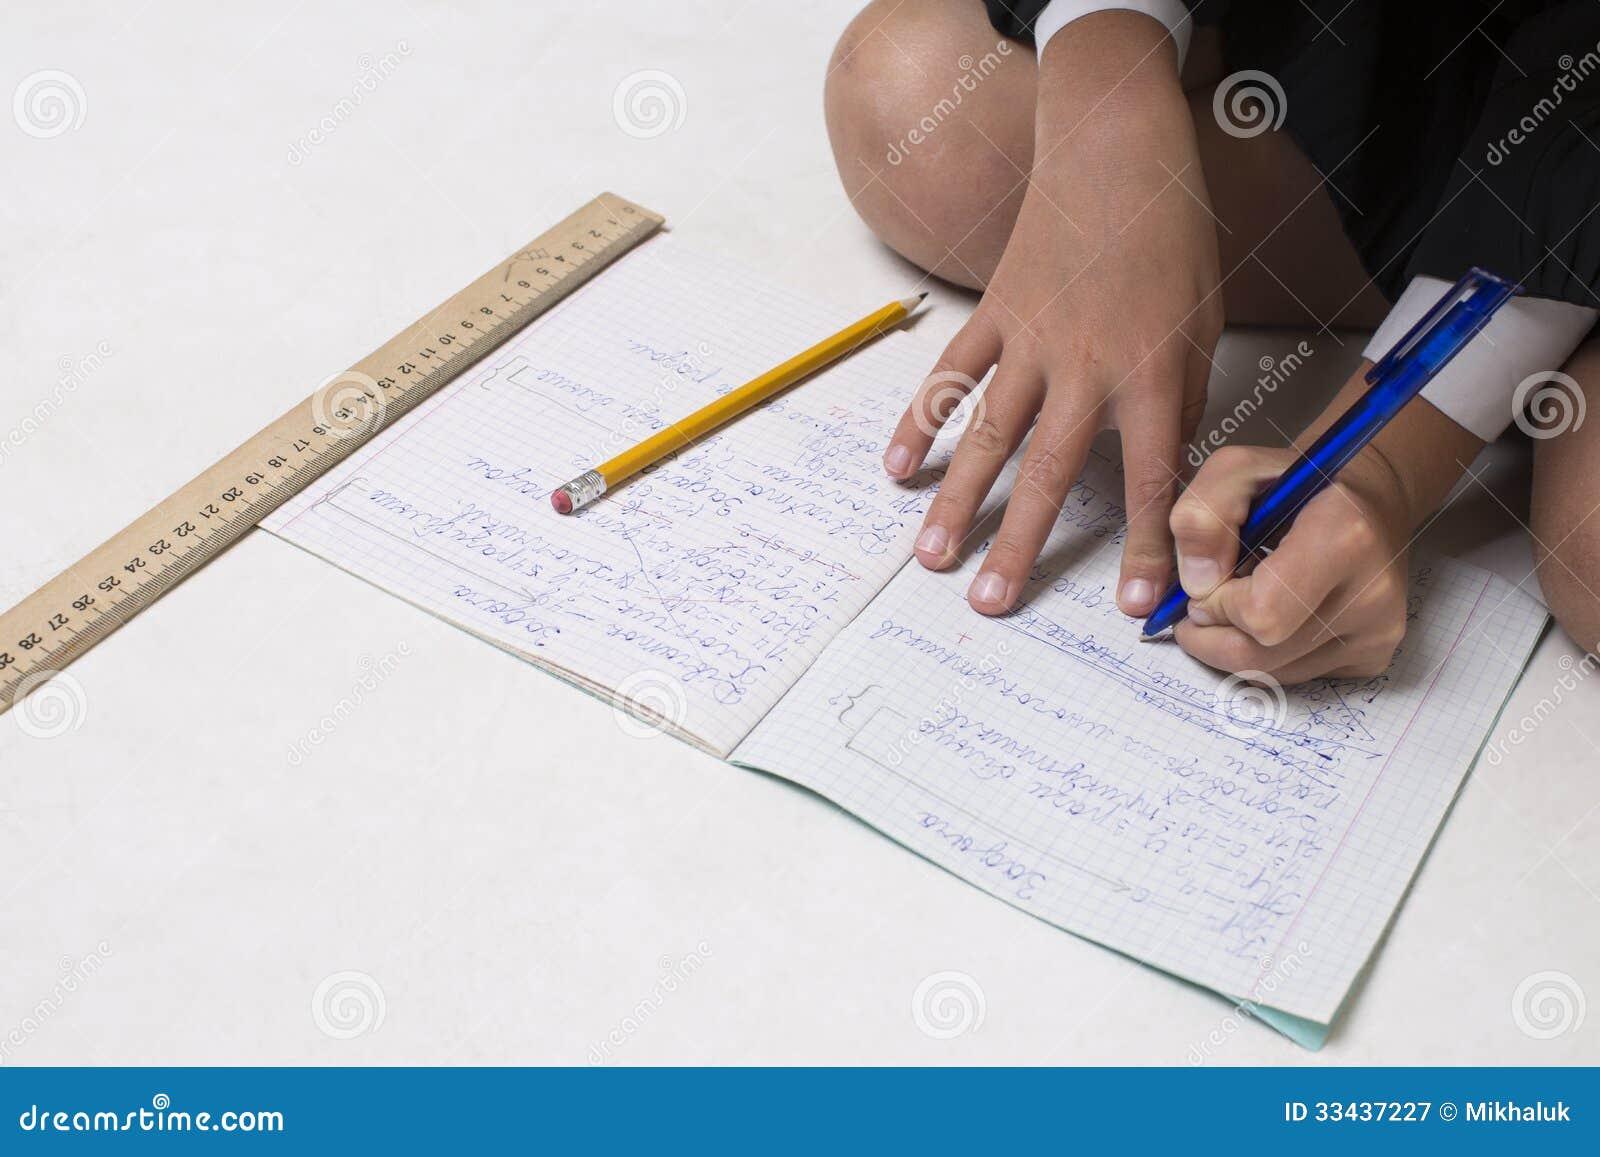 completing homework 1496121884